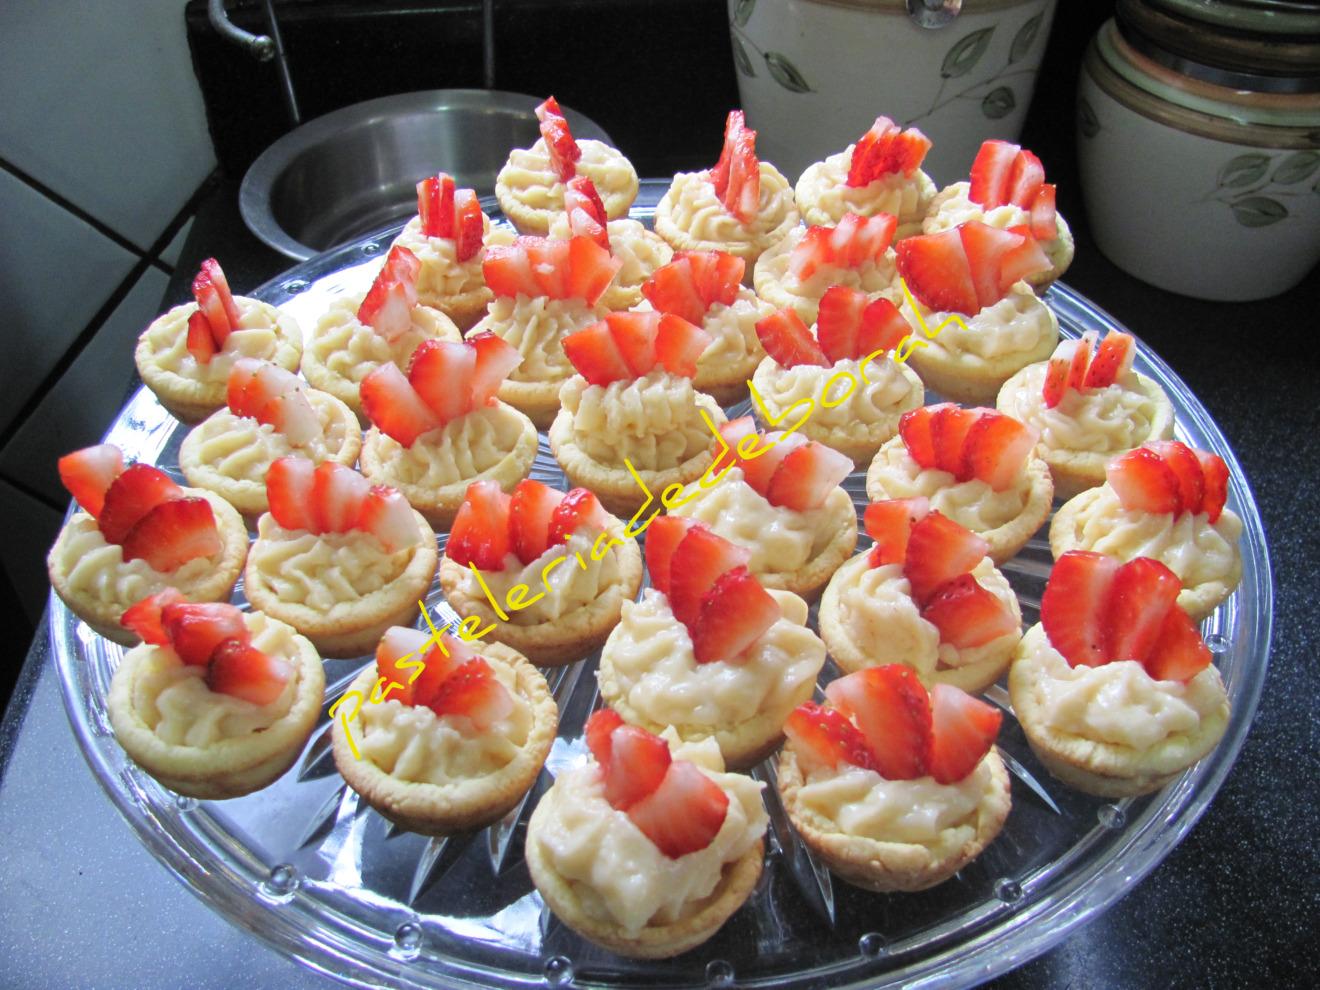 Tarticas de crema y fresas naturales - Postres con fresas naturales ...